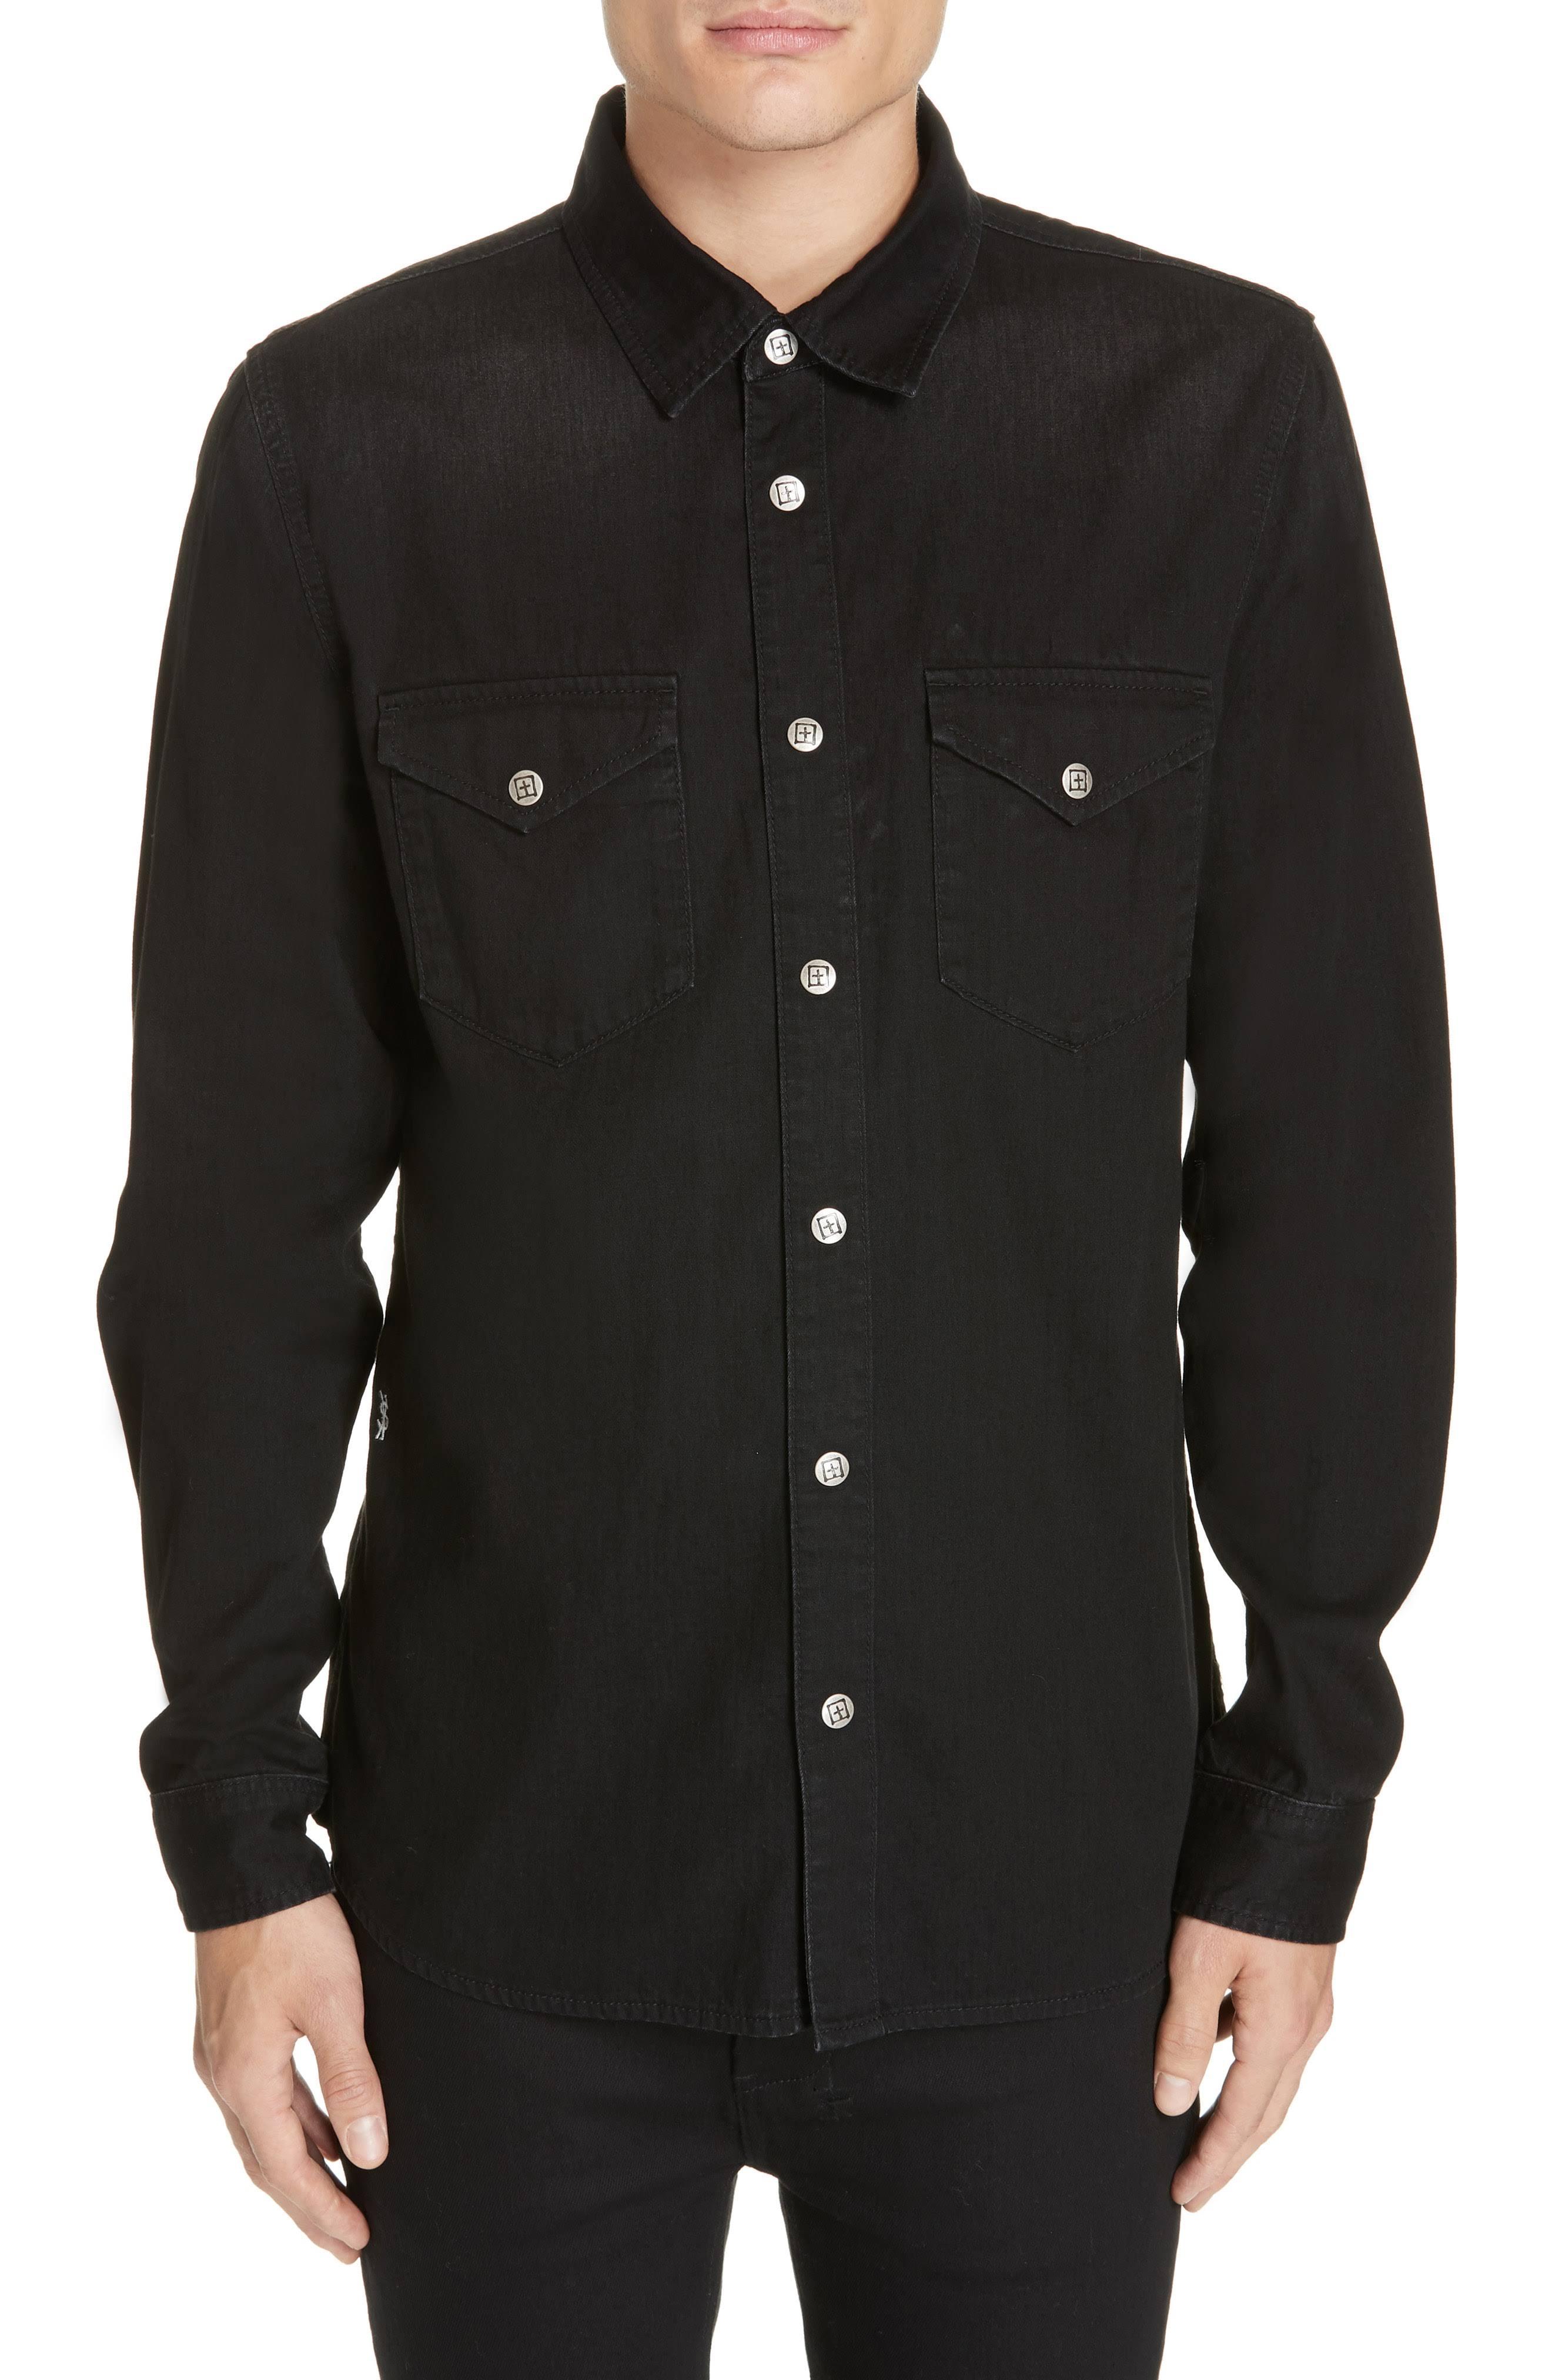 Ksubi Negro Ksubi Nimes Nimes Camisa Camisa Negro qwAZTpa